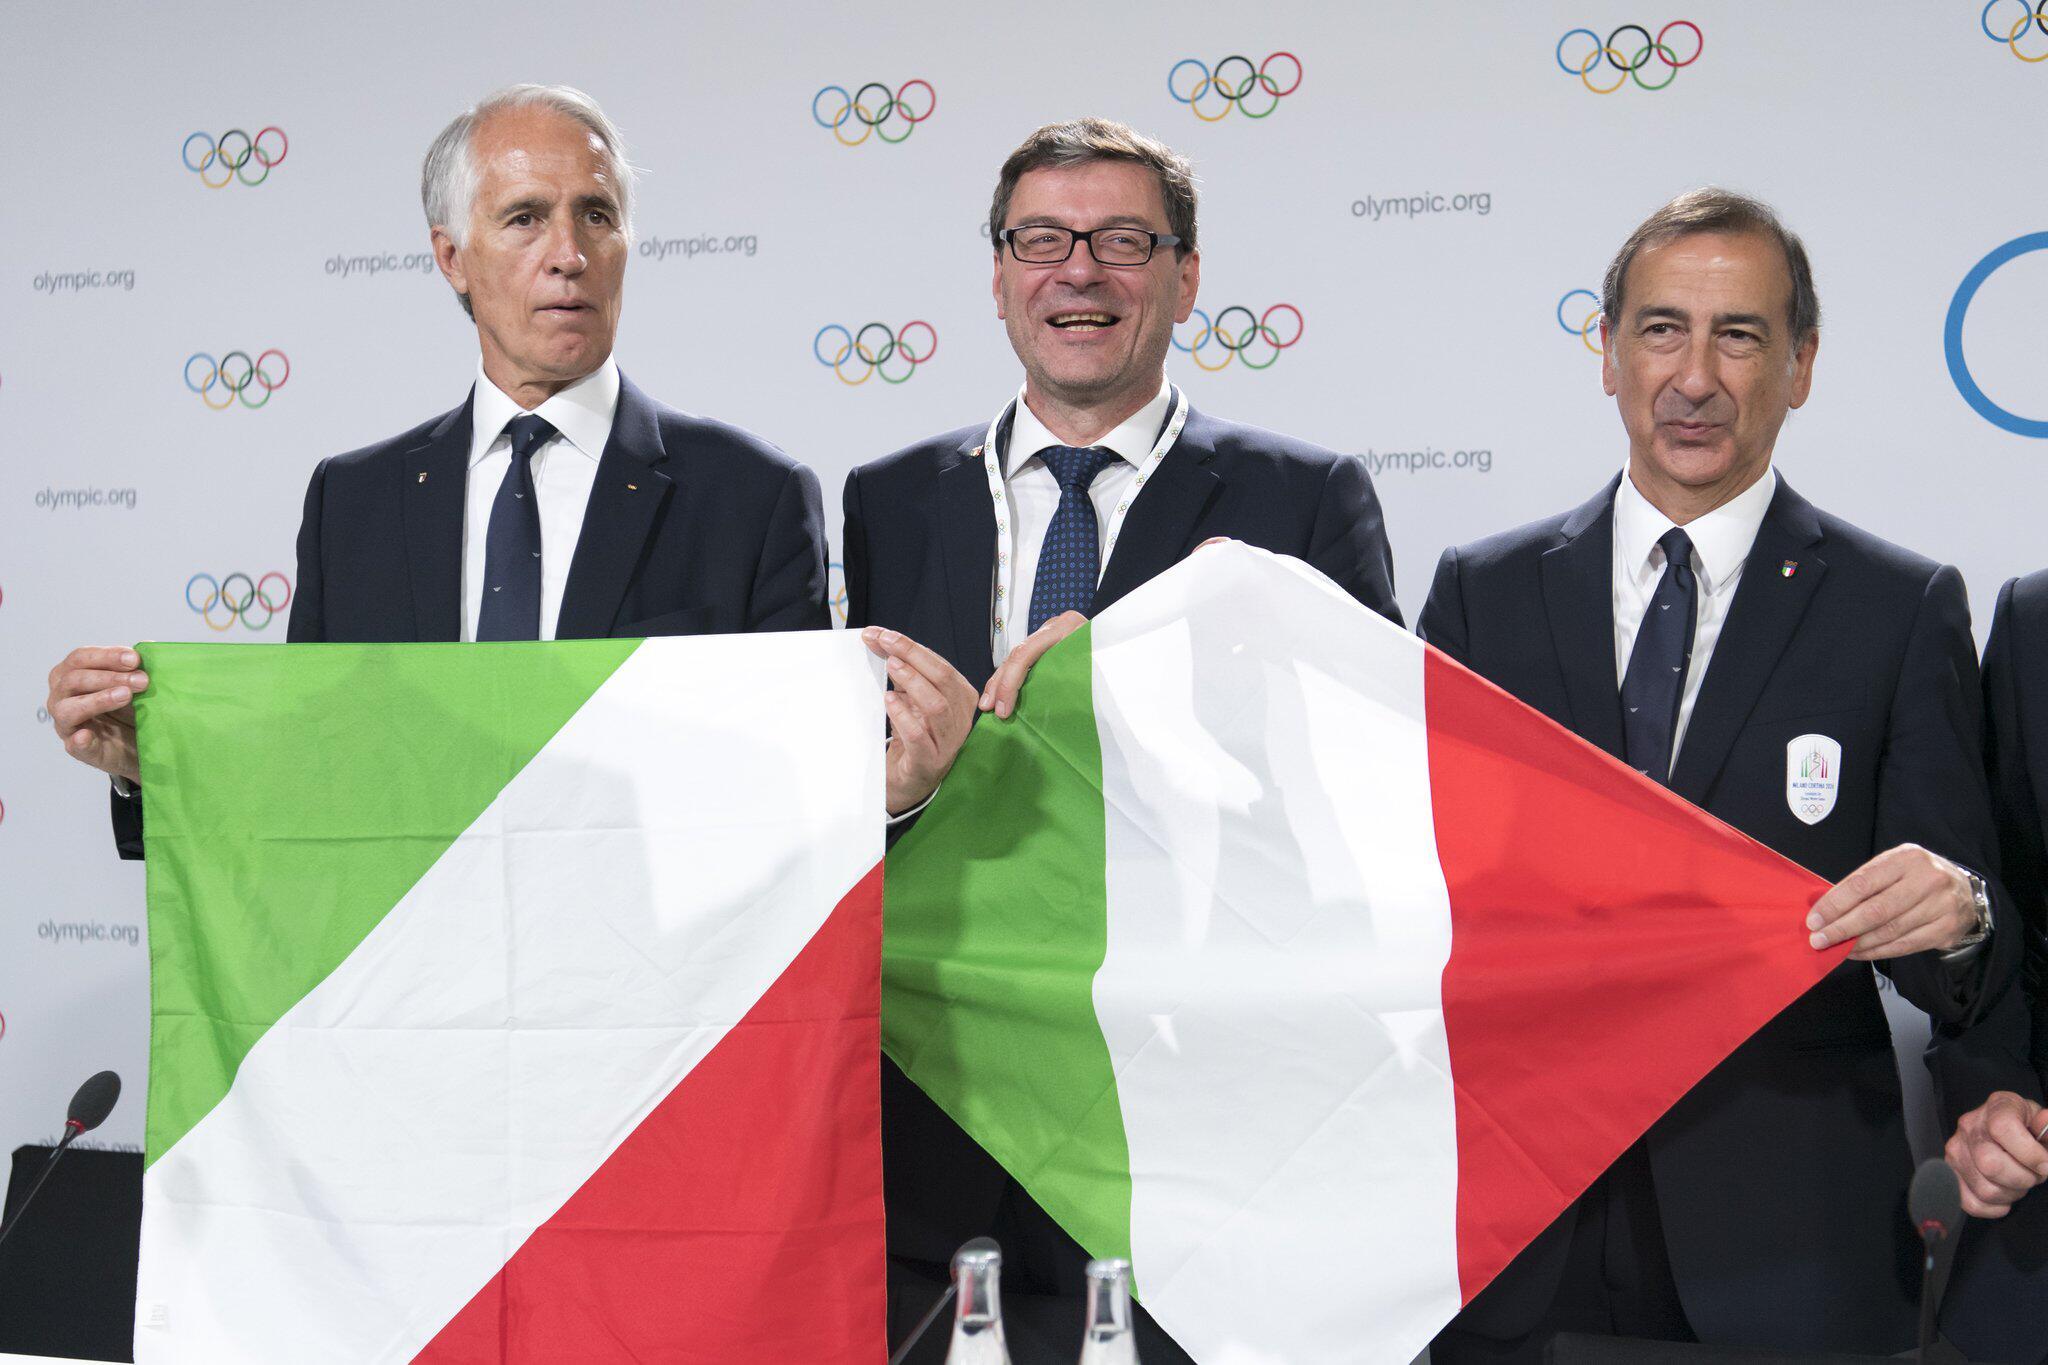 Bild zu 134. Tagung des Internationalen Olympischen Komitees